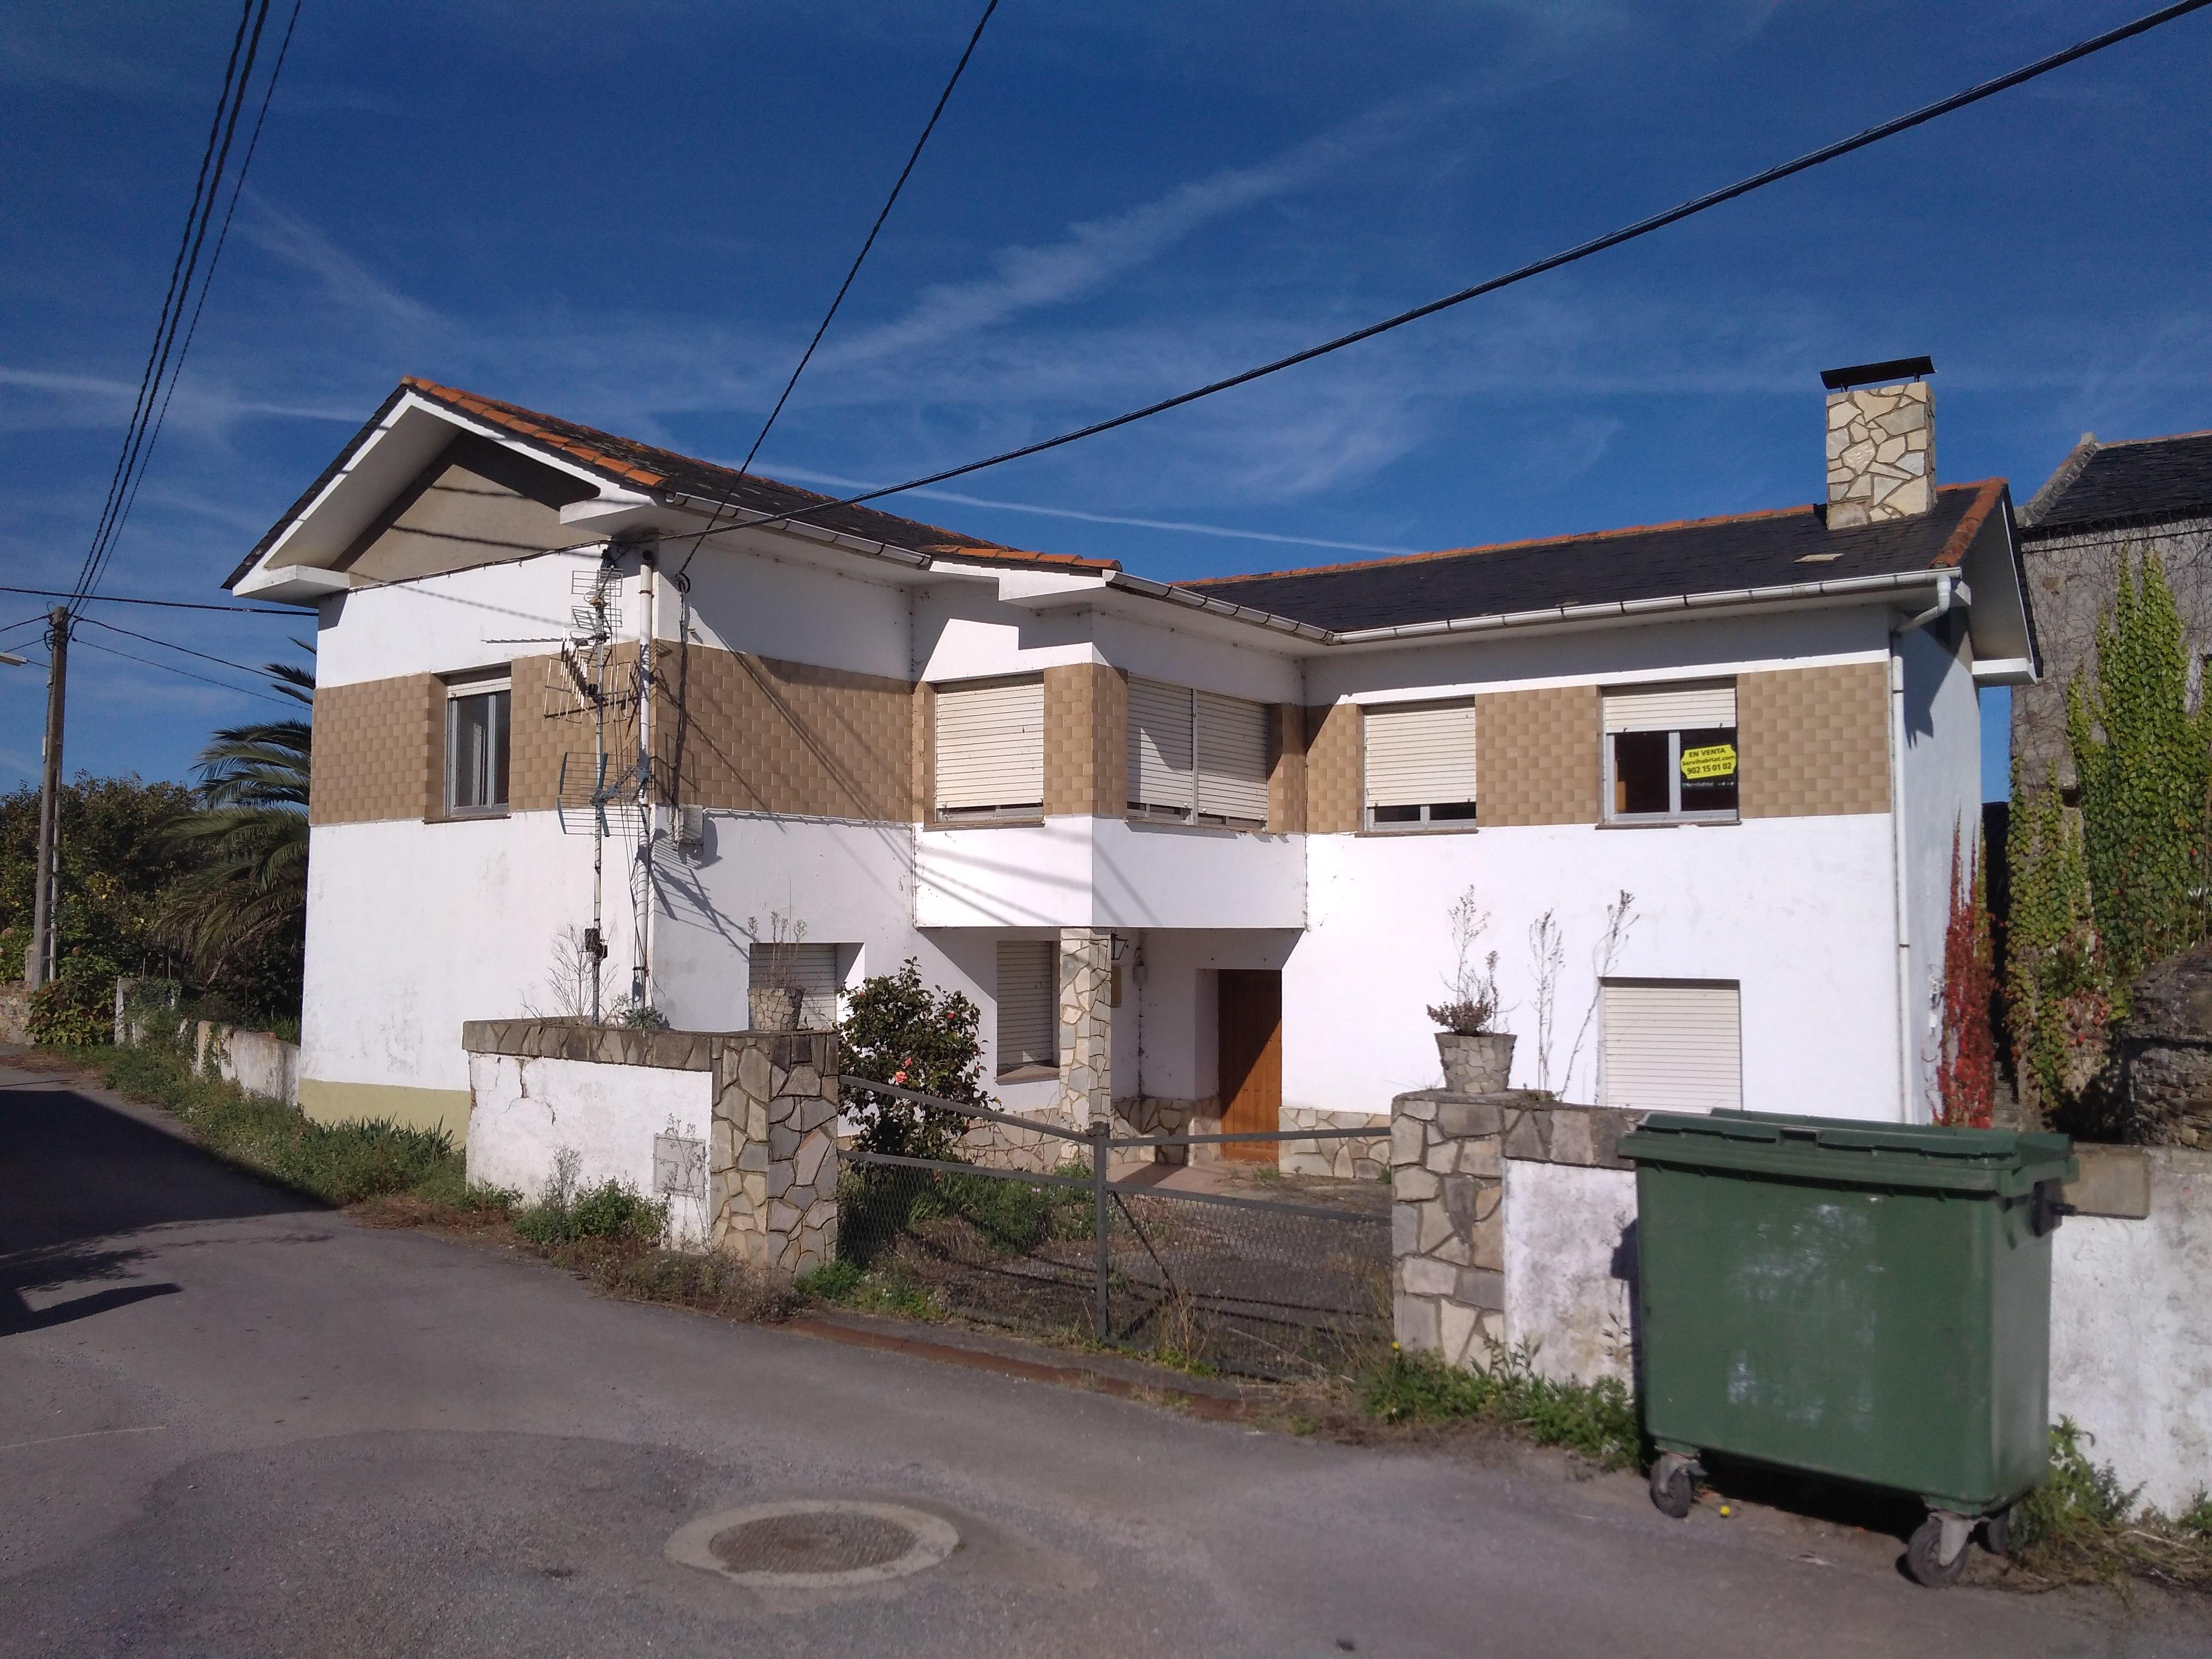 Casa en venta en Castropol, Asturias, Calle Casa Julian, 160.000 €, 5 habitaciones, 2 baños, 195 m2